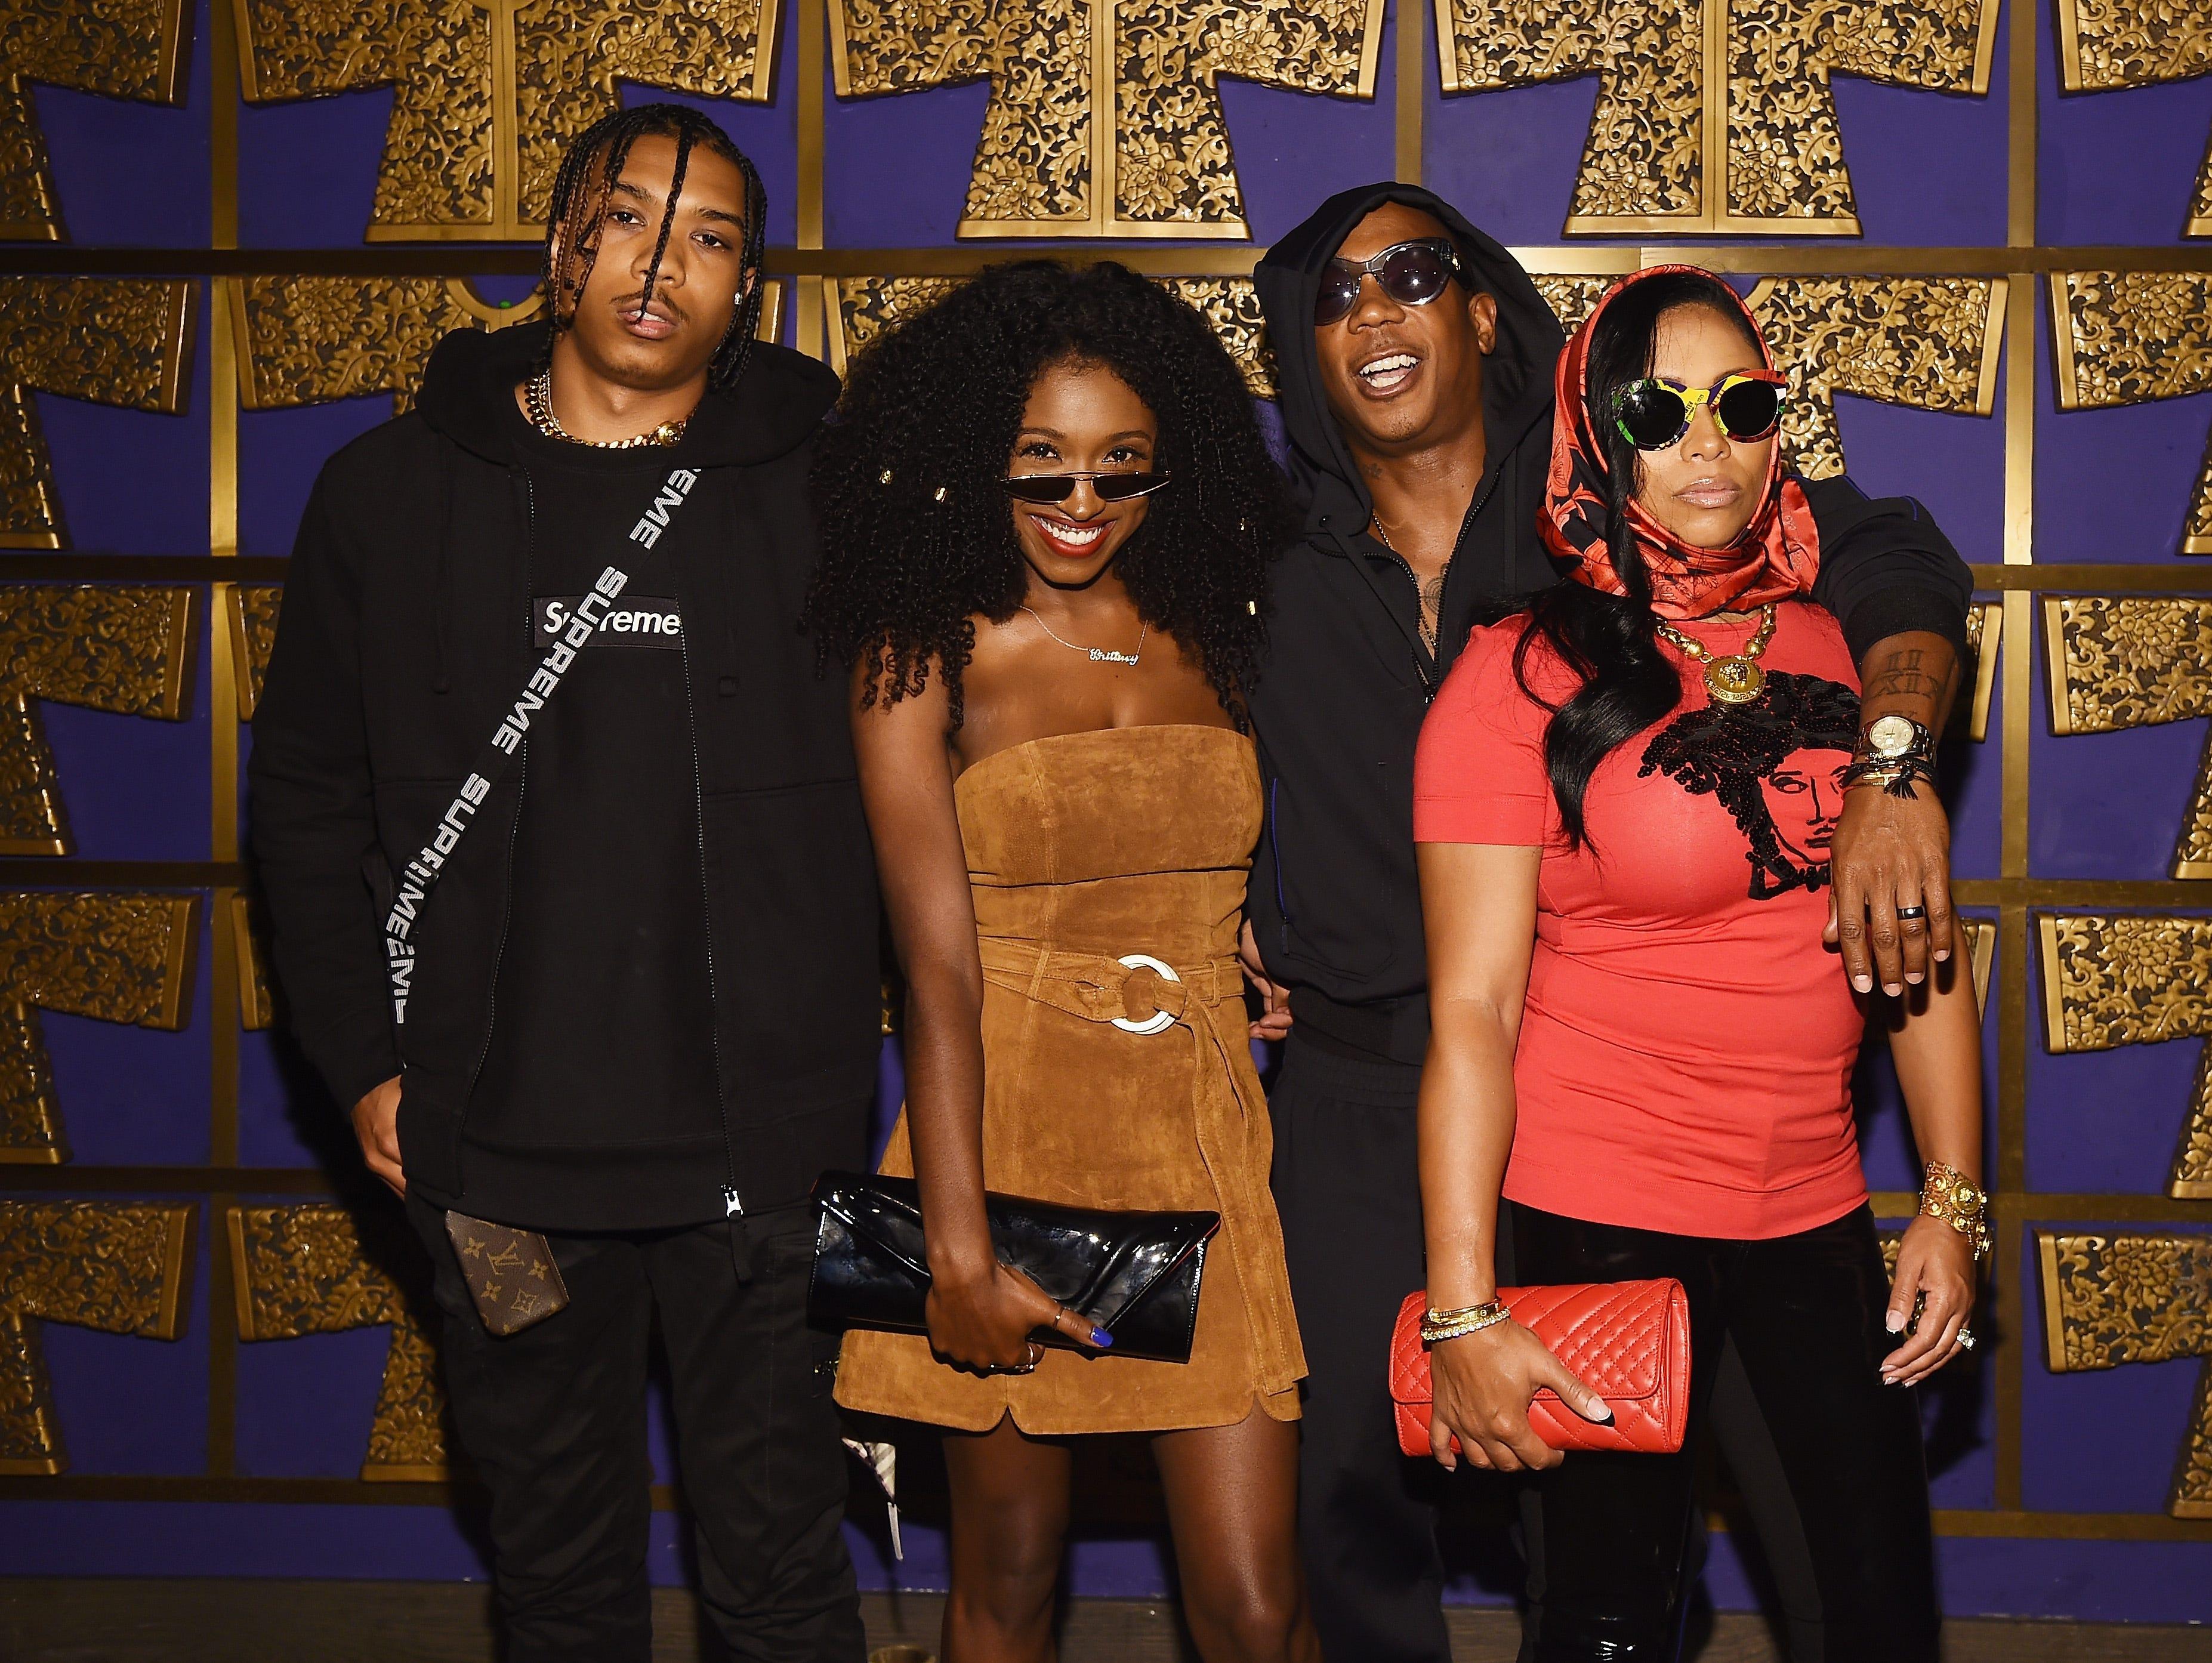 Jordan Atkins, Britany Atkins, Ja Rule y Aisha Atkins asisten a la celebración de Atlantic Records por los VMA de 2018 el 20 de agosto de 2018 en TAO Downtown en la ciudad de Nueva York.